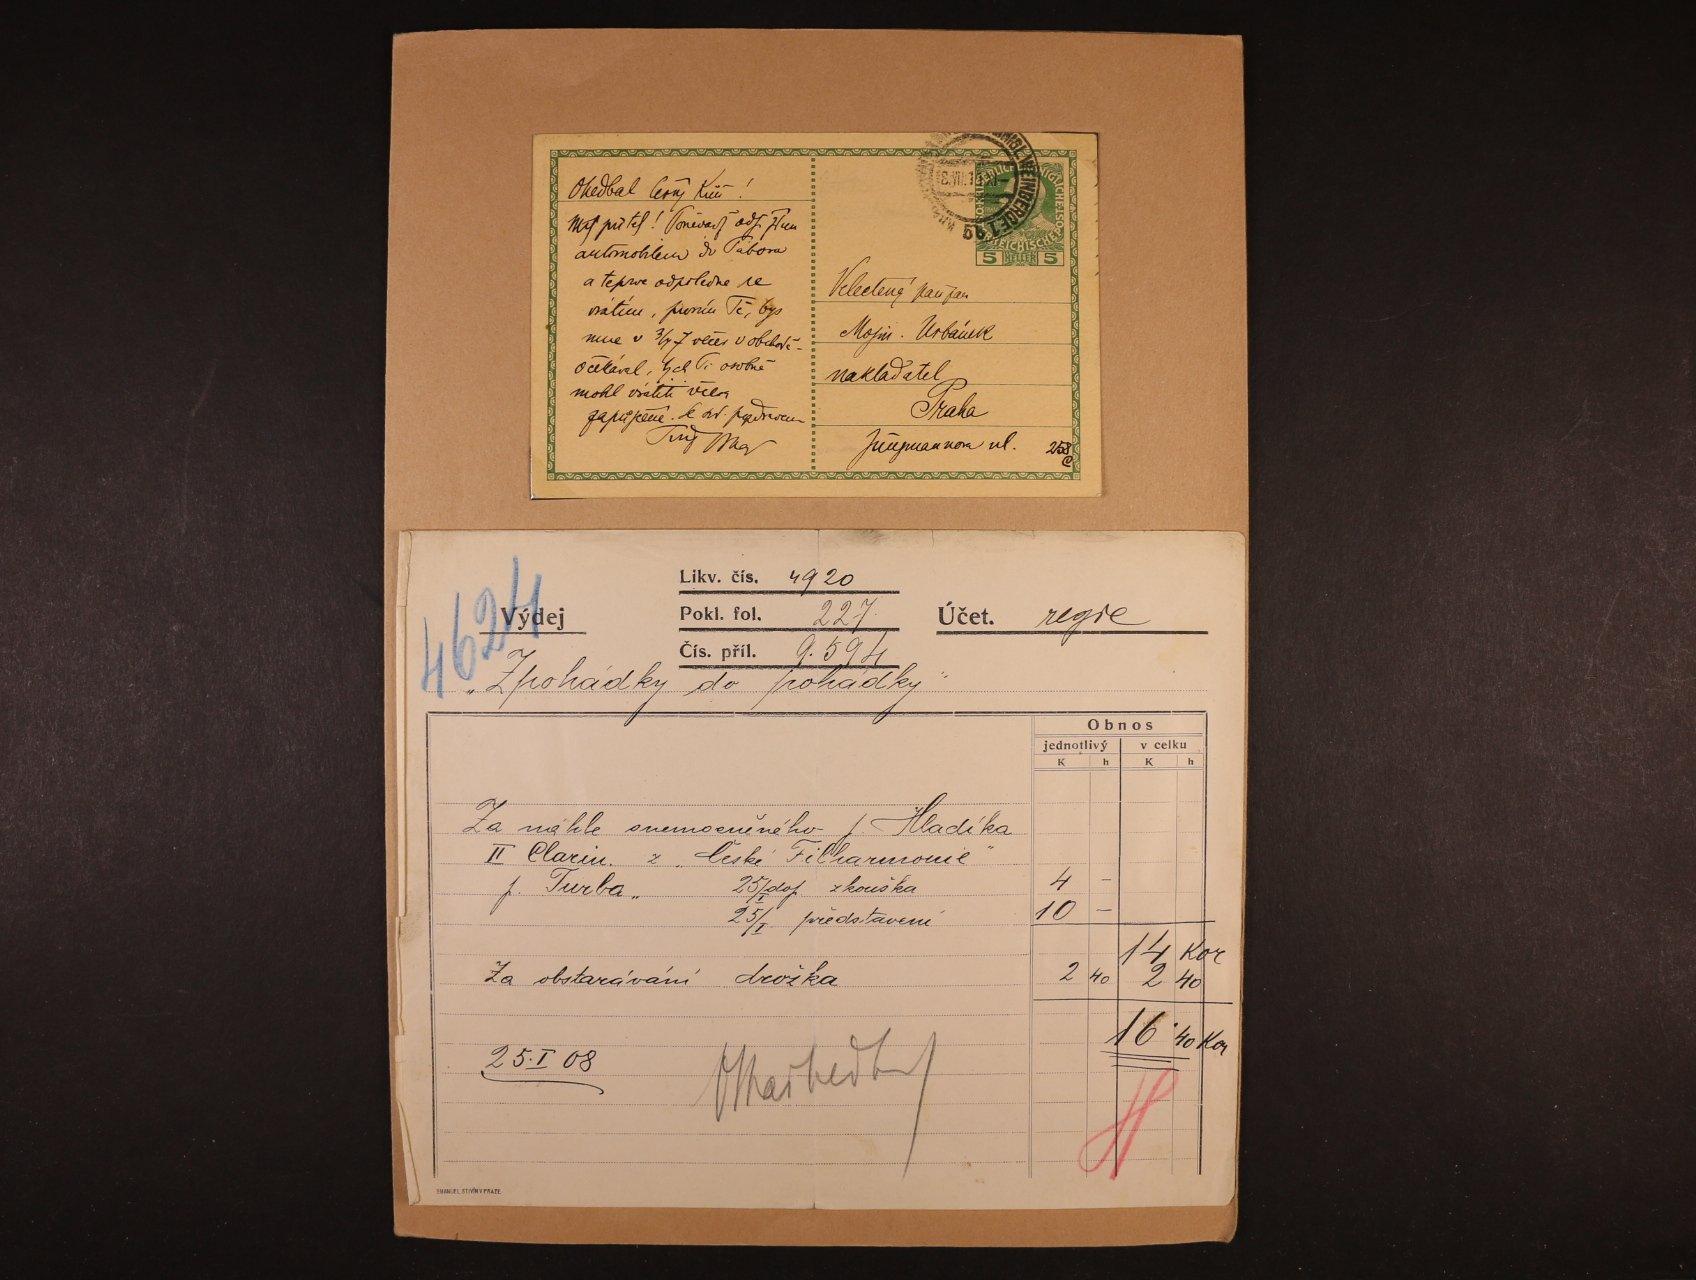 Nedbal Oskar 1874 - 1930, význačný český hudební skladatel, dirigent a violista - KL s vlastnoručním textem a podpisem z r. 1913 a účet z r. 1908 s vlastnoručním podpisem